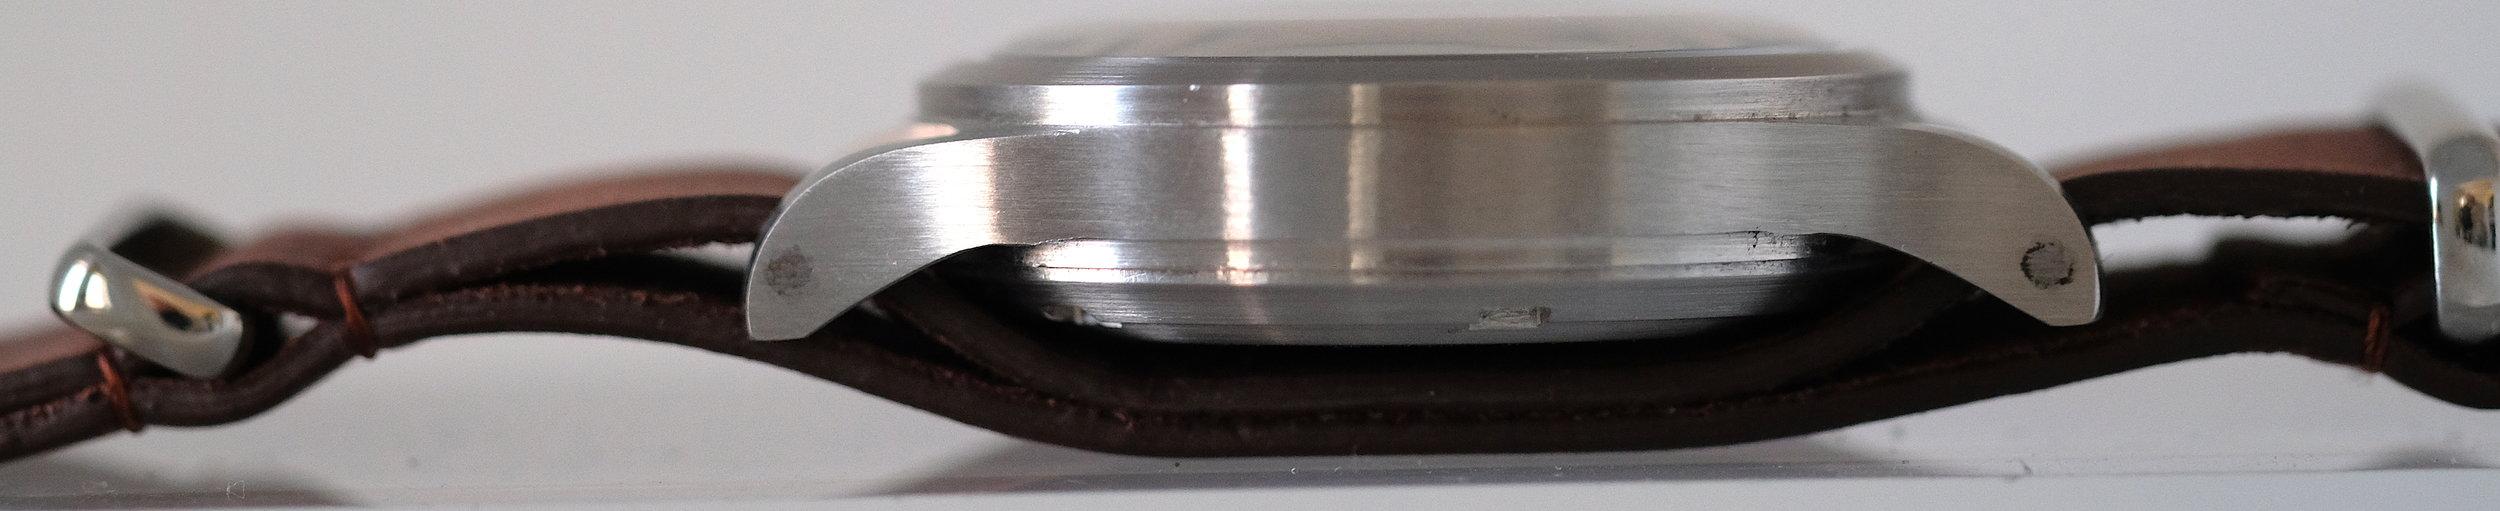 DSCF3306.JPG